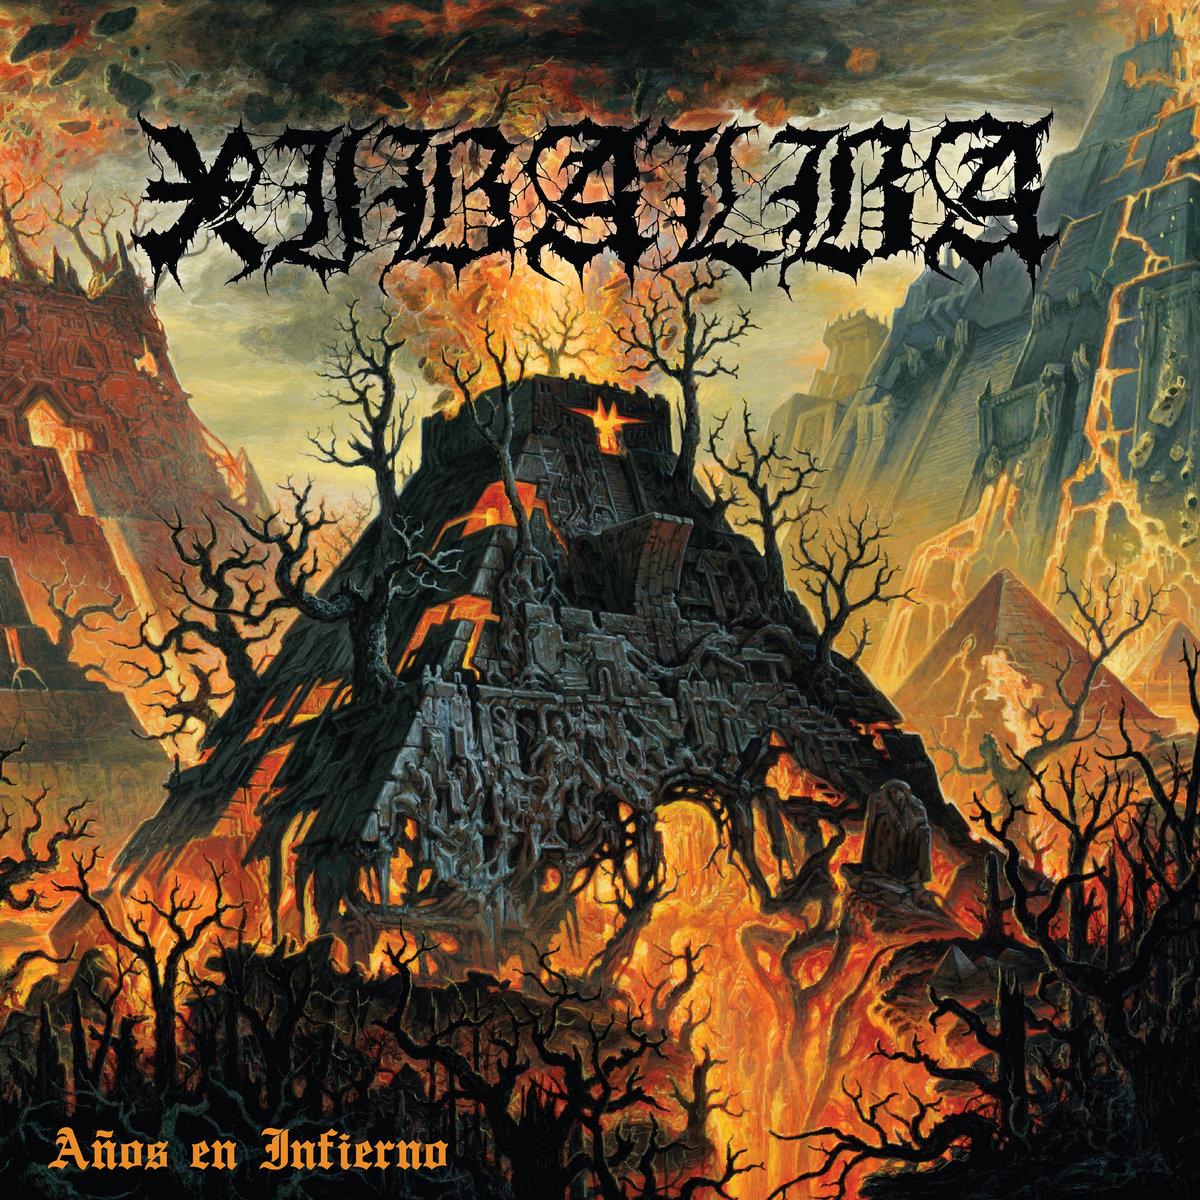 Años en Infierno Xibalba Cover Art